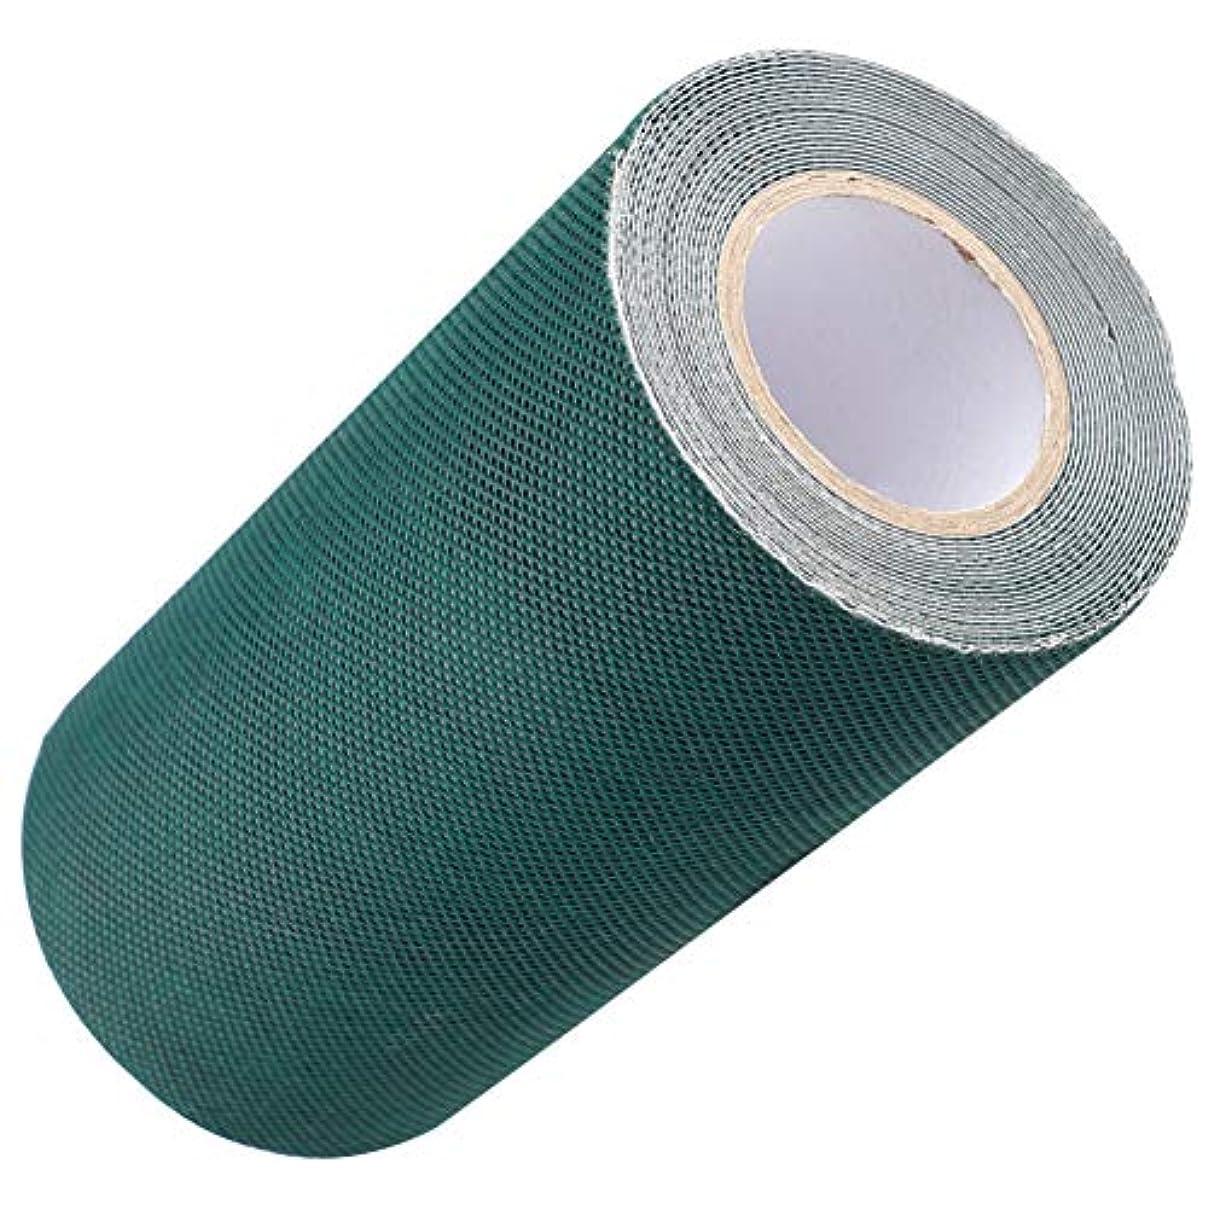 湿地認知伝染性のDOMO 人工芝接着布 人工芝粘着テープ 芝スプライスベルト 15cm*5M グリーン